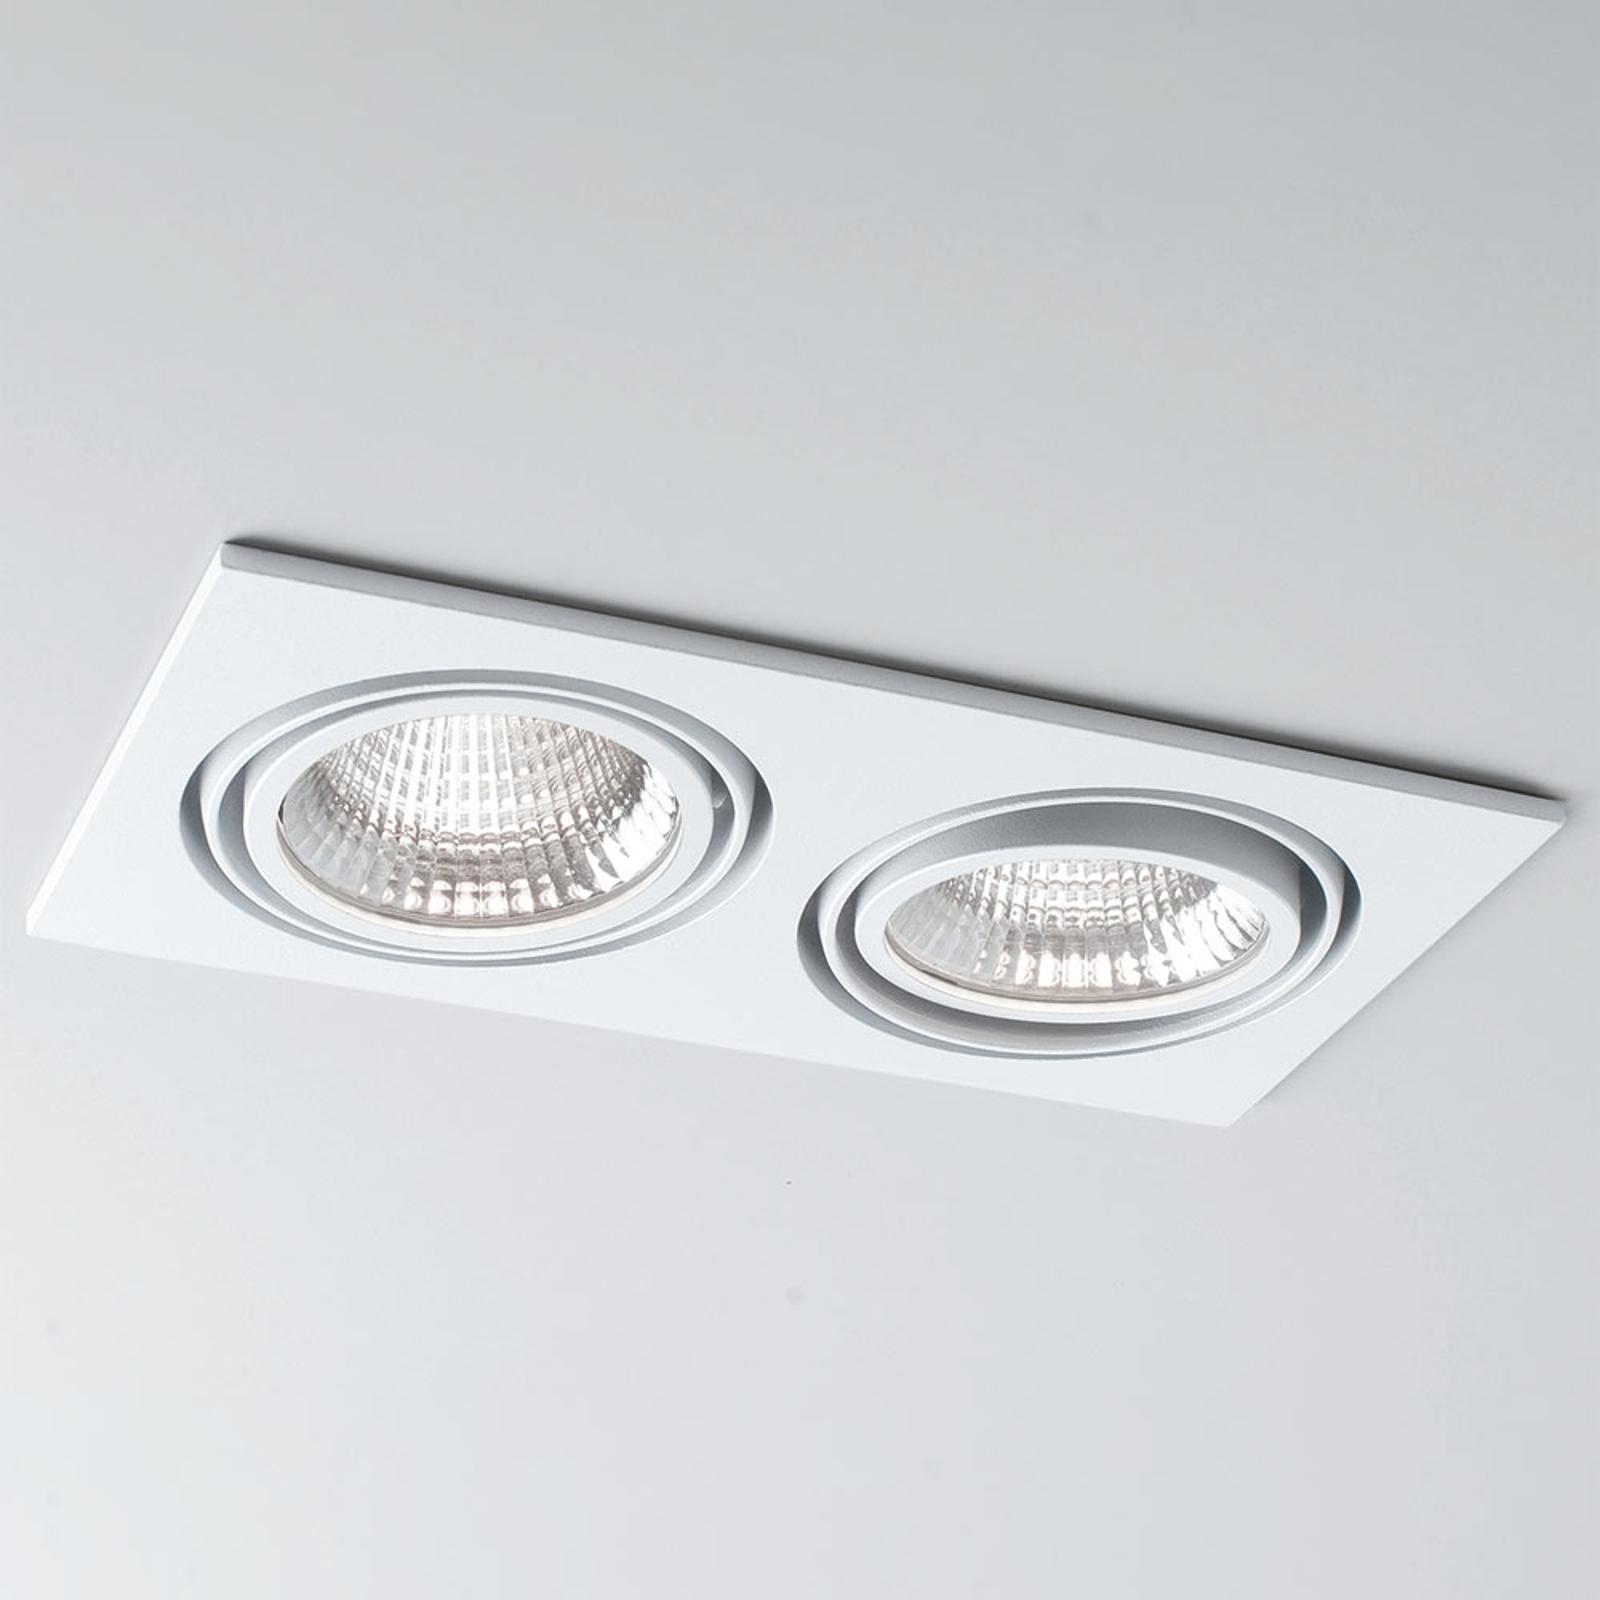 LED-Einbau Now 2 Square Double weiß 3.000K 2fl 25°